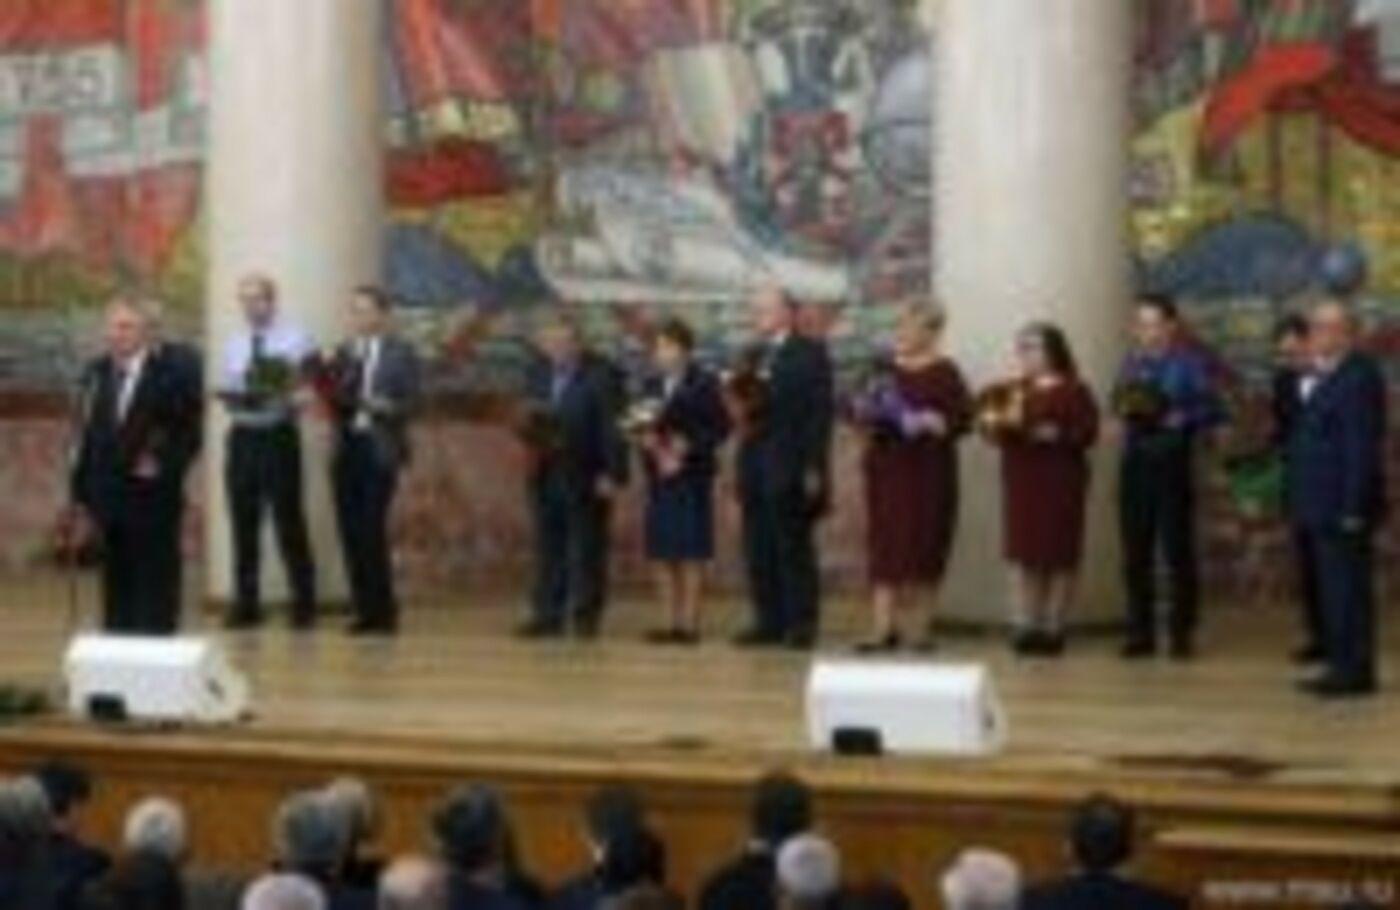 Поздравляем Юрия Валентиновича Нестеренко с премией им М.В. Ломоносова!